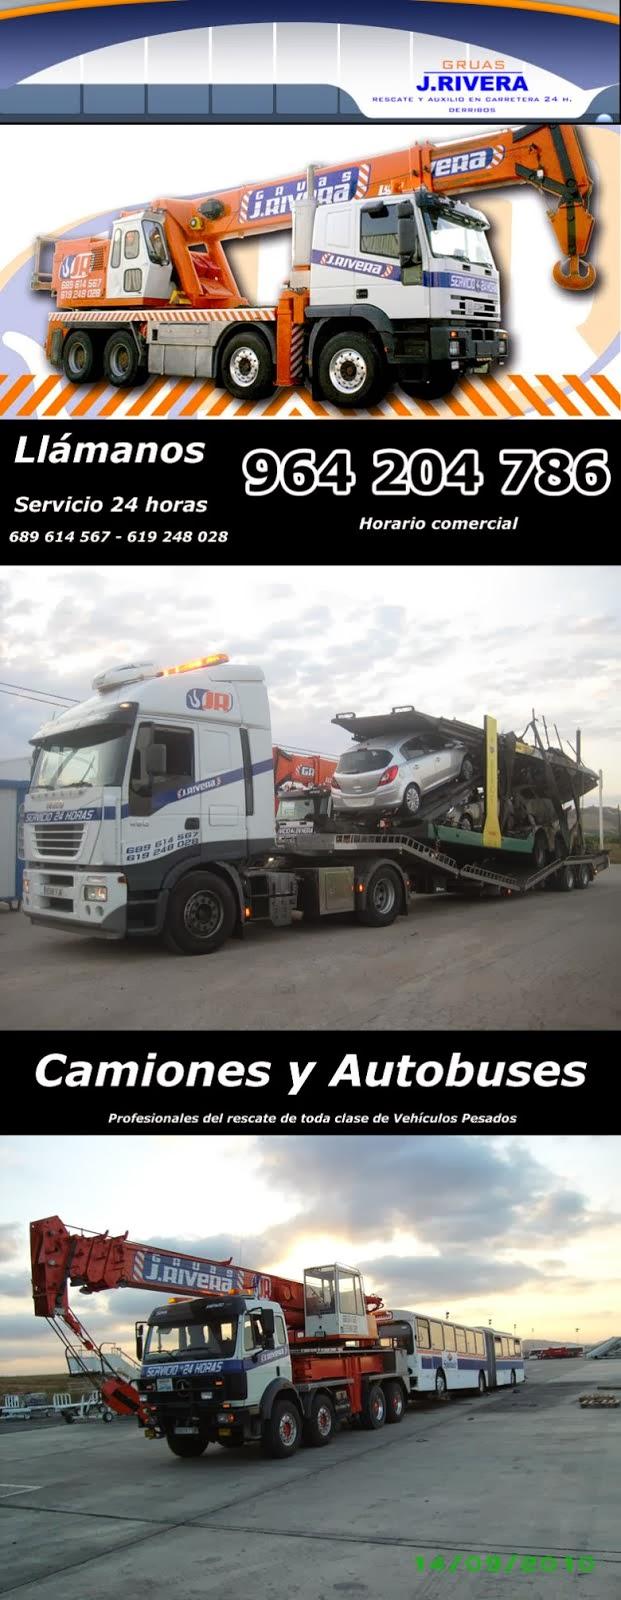 Rescate y Auxílio de camiones y Autobuses con grúas